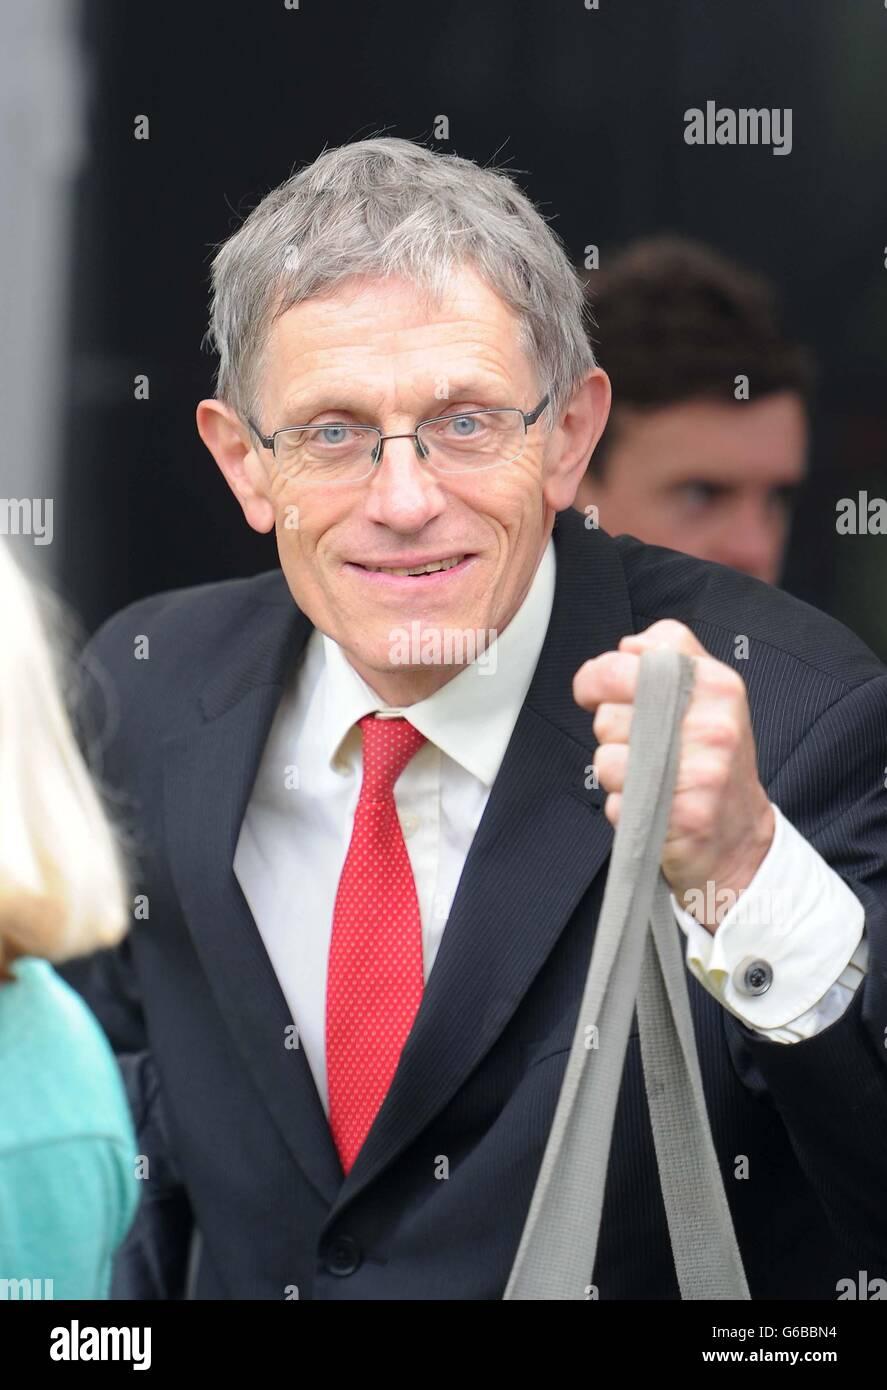 Simon Calder, travel journalist and writer, 'Simon Calder' - Stock Image